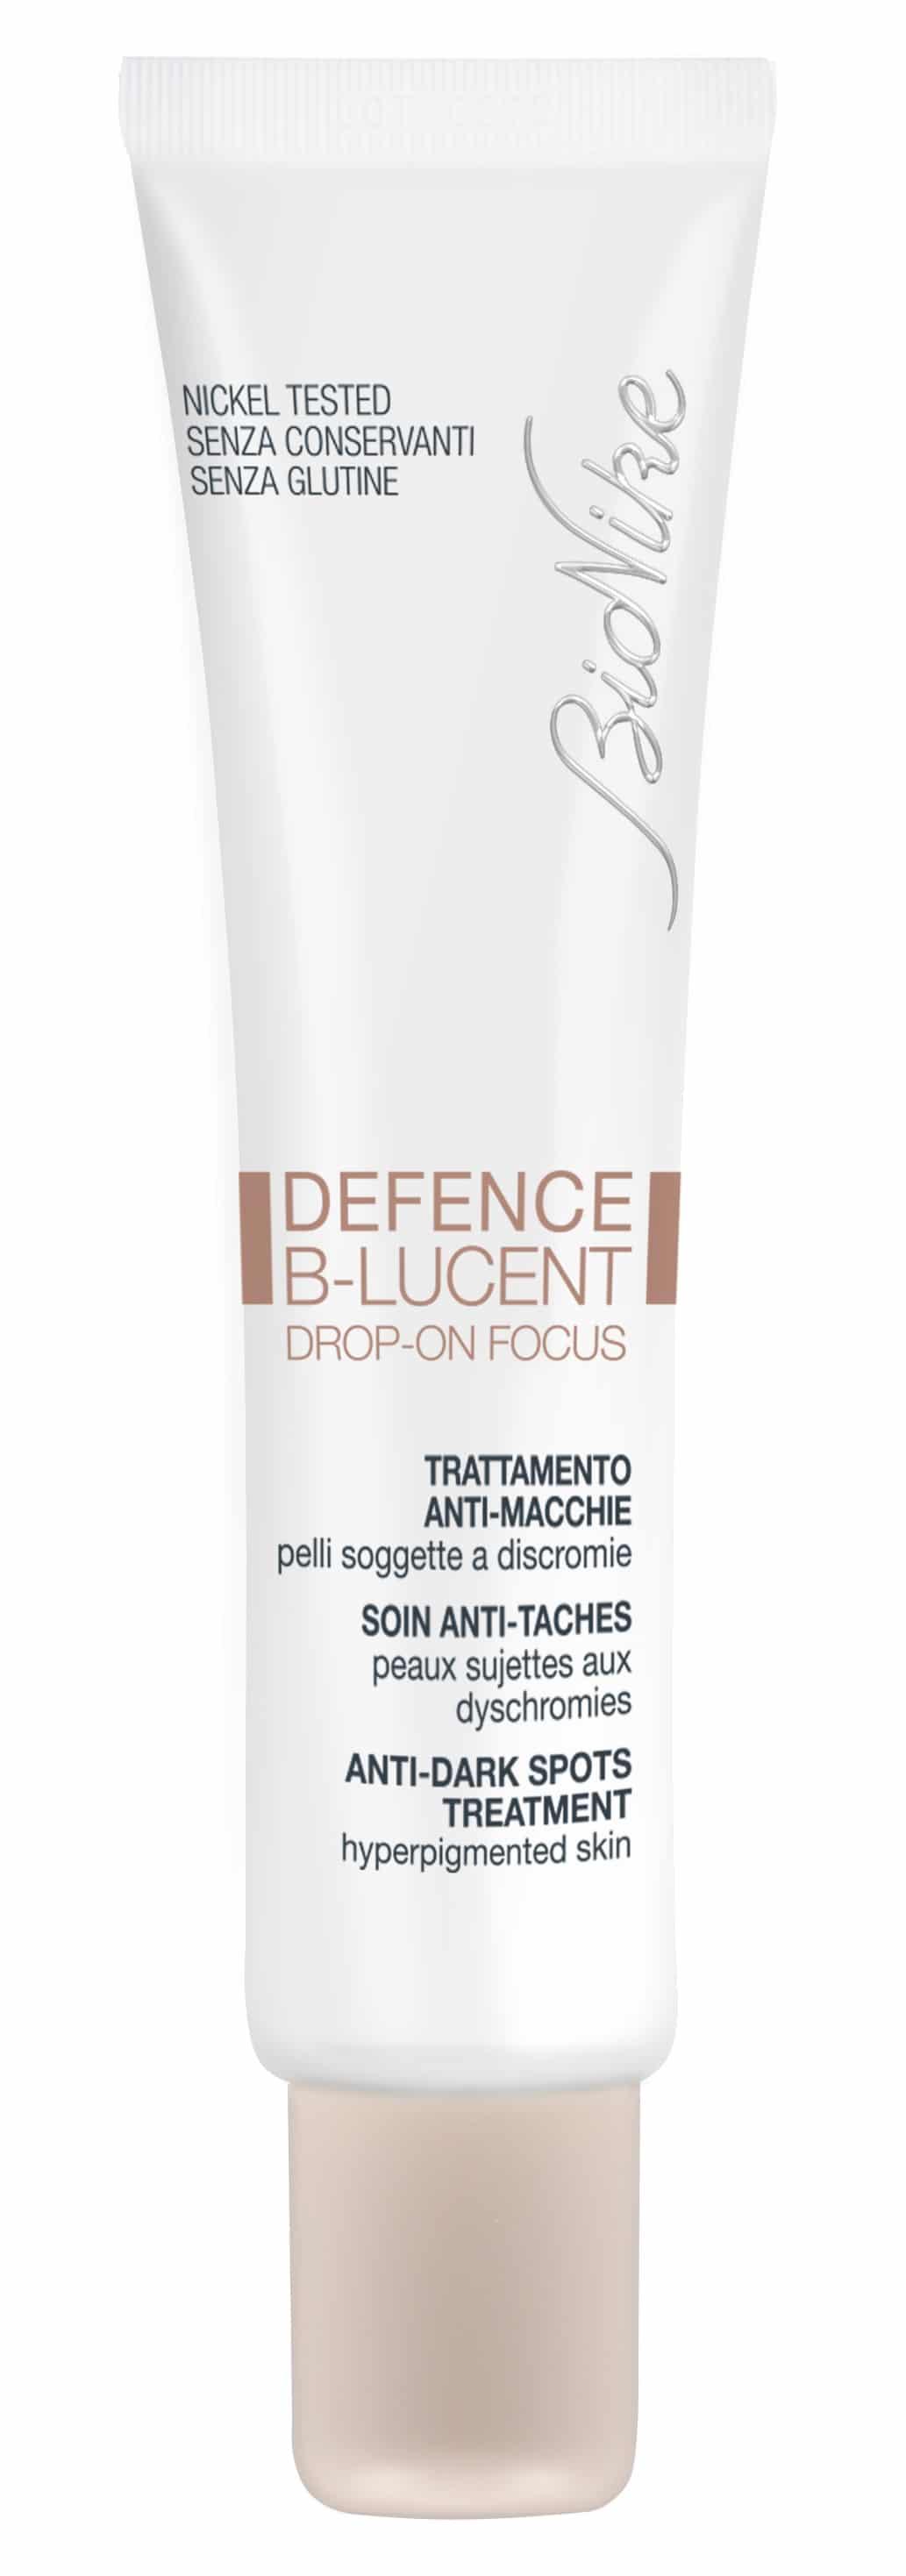 Defence B-LUCENT di BioNike: un trattamento mirato delle macchie localizzate